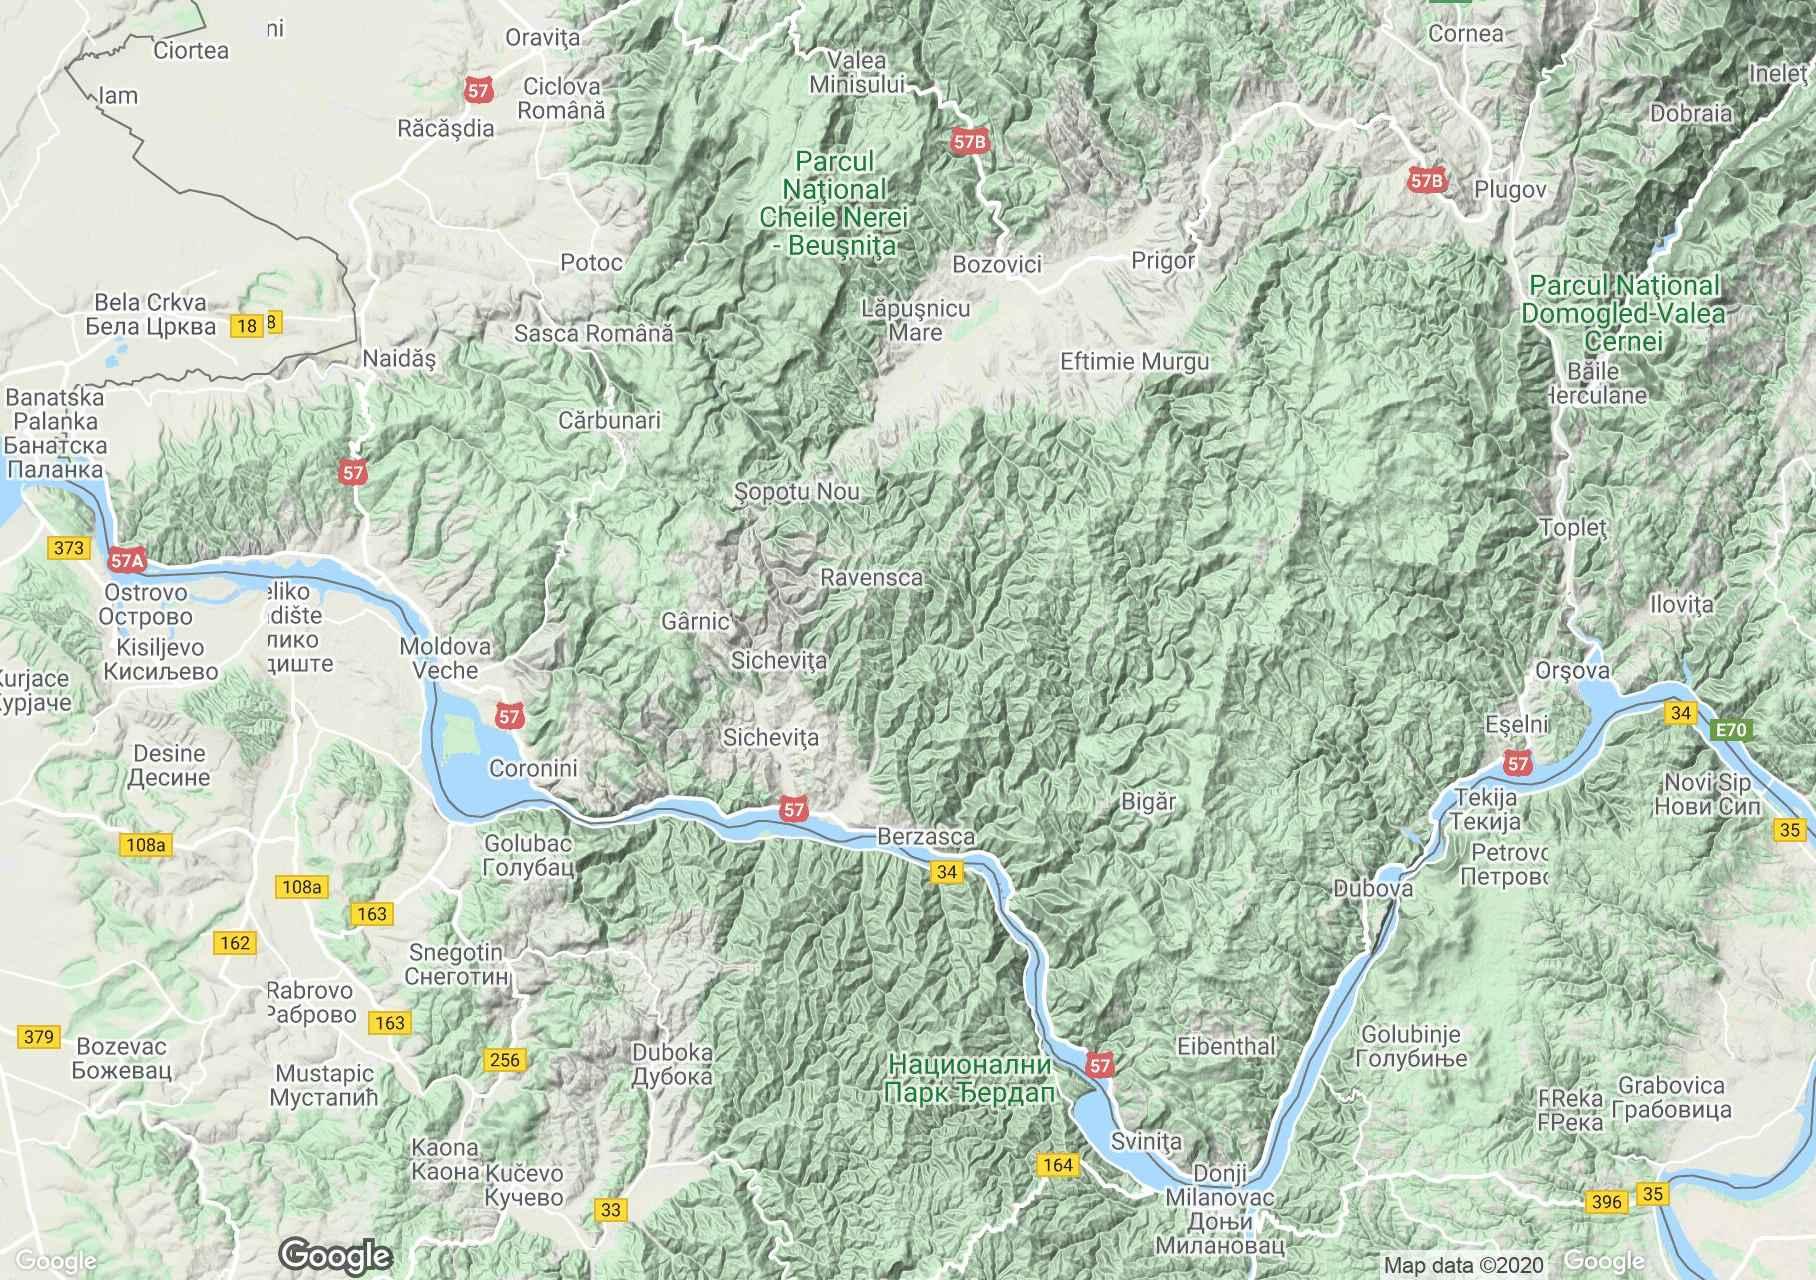 Banat: Almăjului Mountains, Interactive tourist map